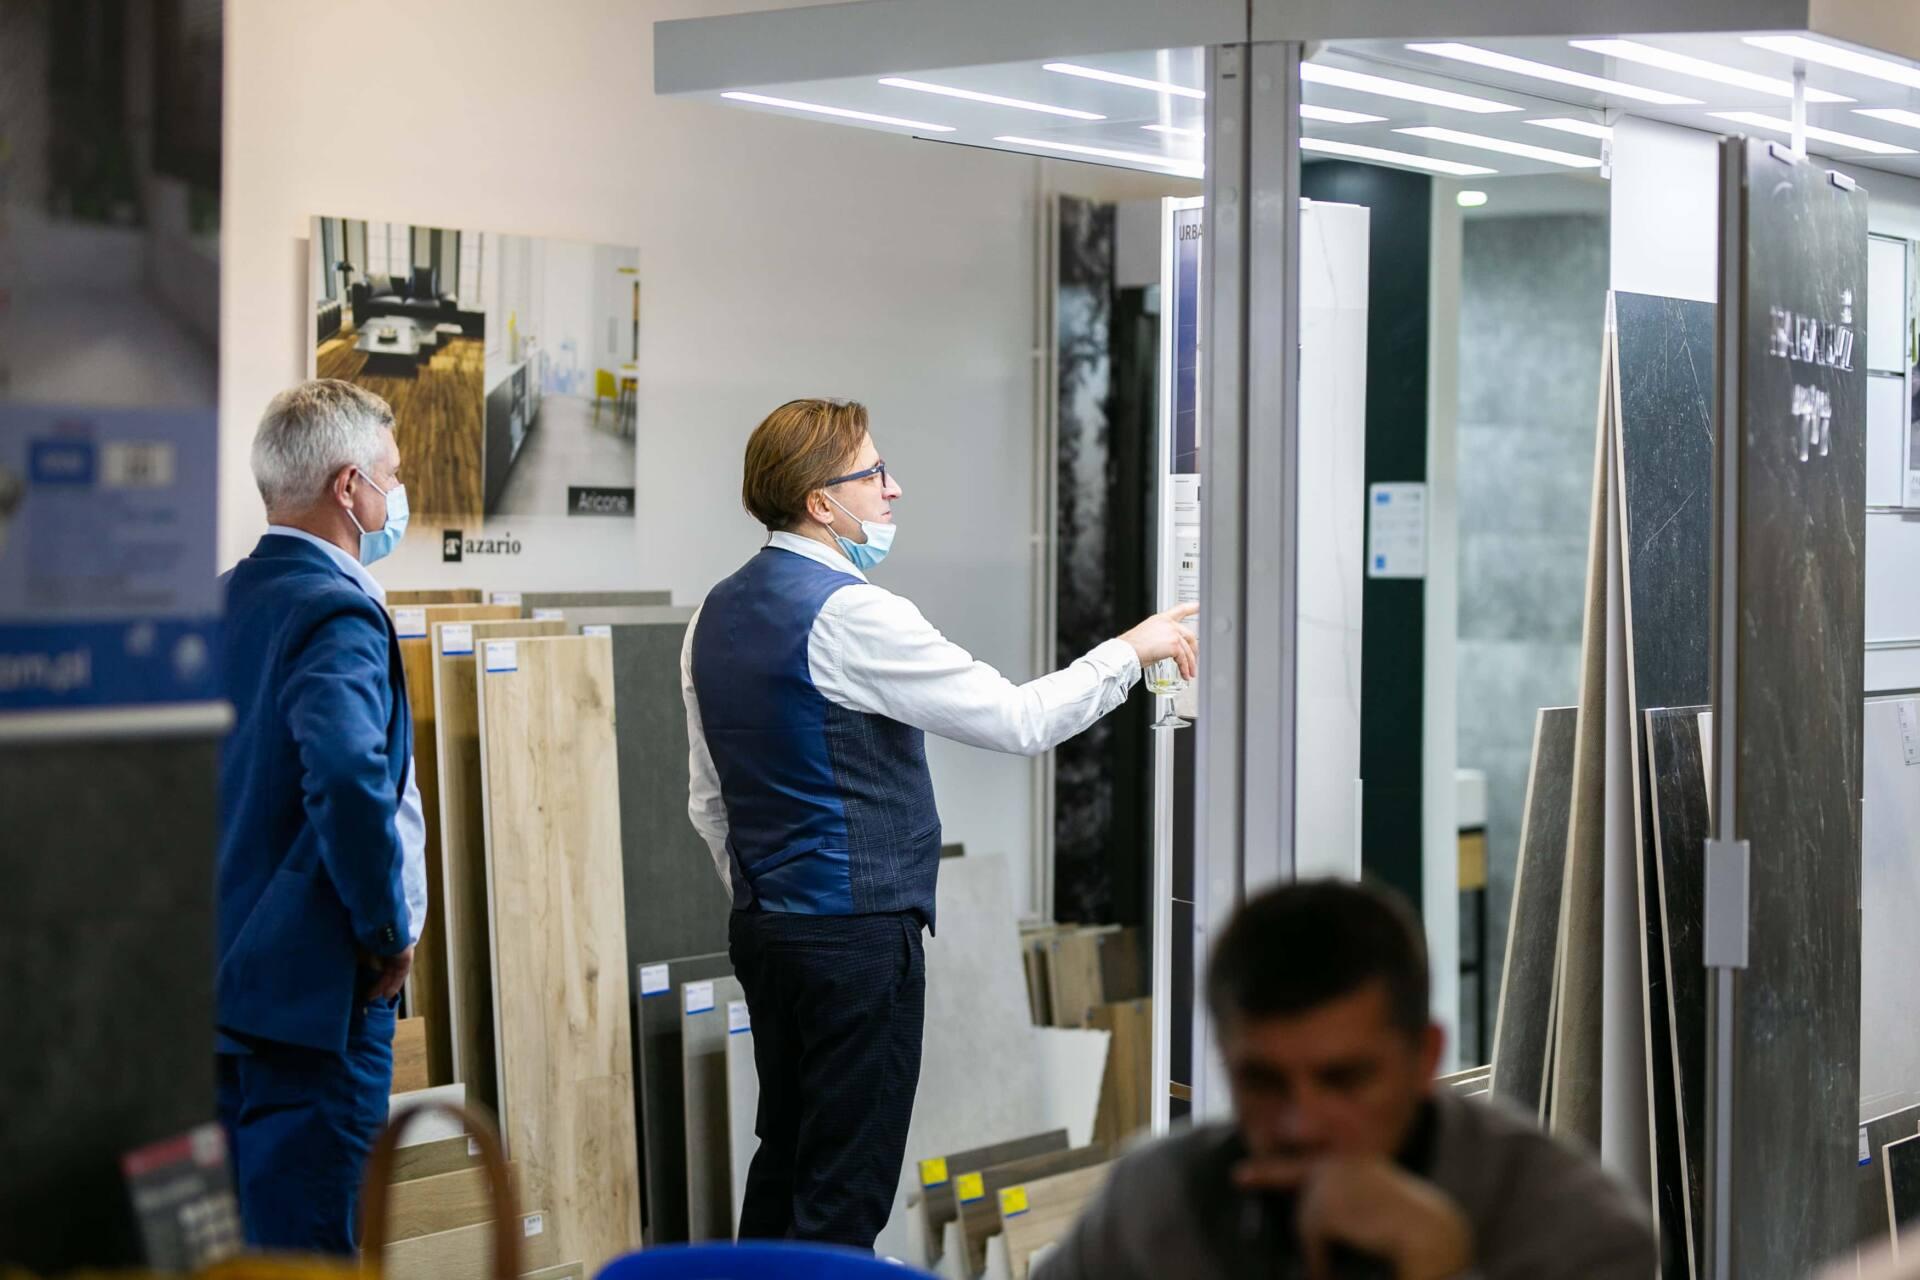 5db 5642 Nowy salon łazienek BLU w Zamościu już otwarty! Publikujemy 80 zdjęć